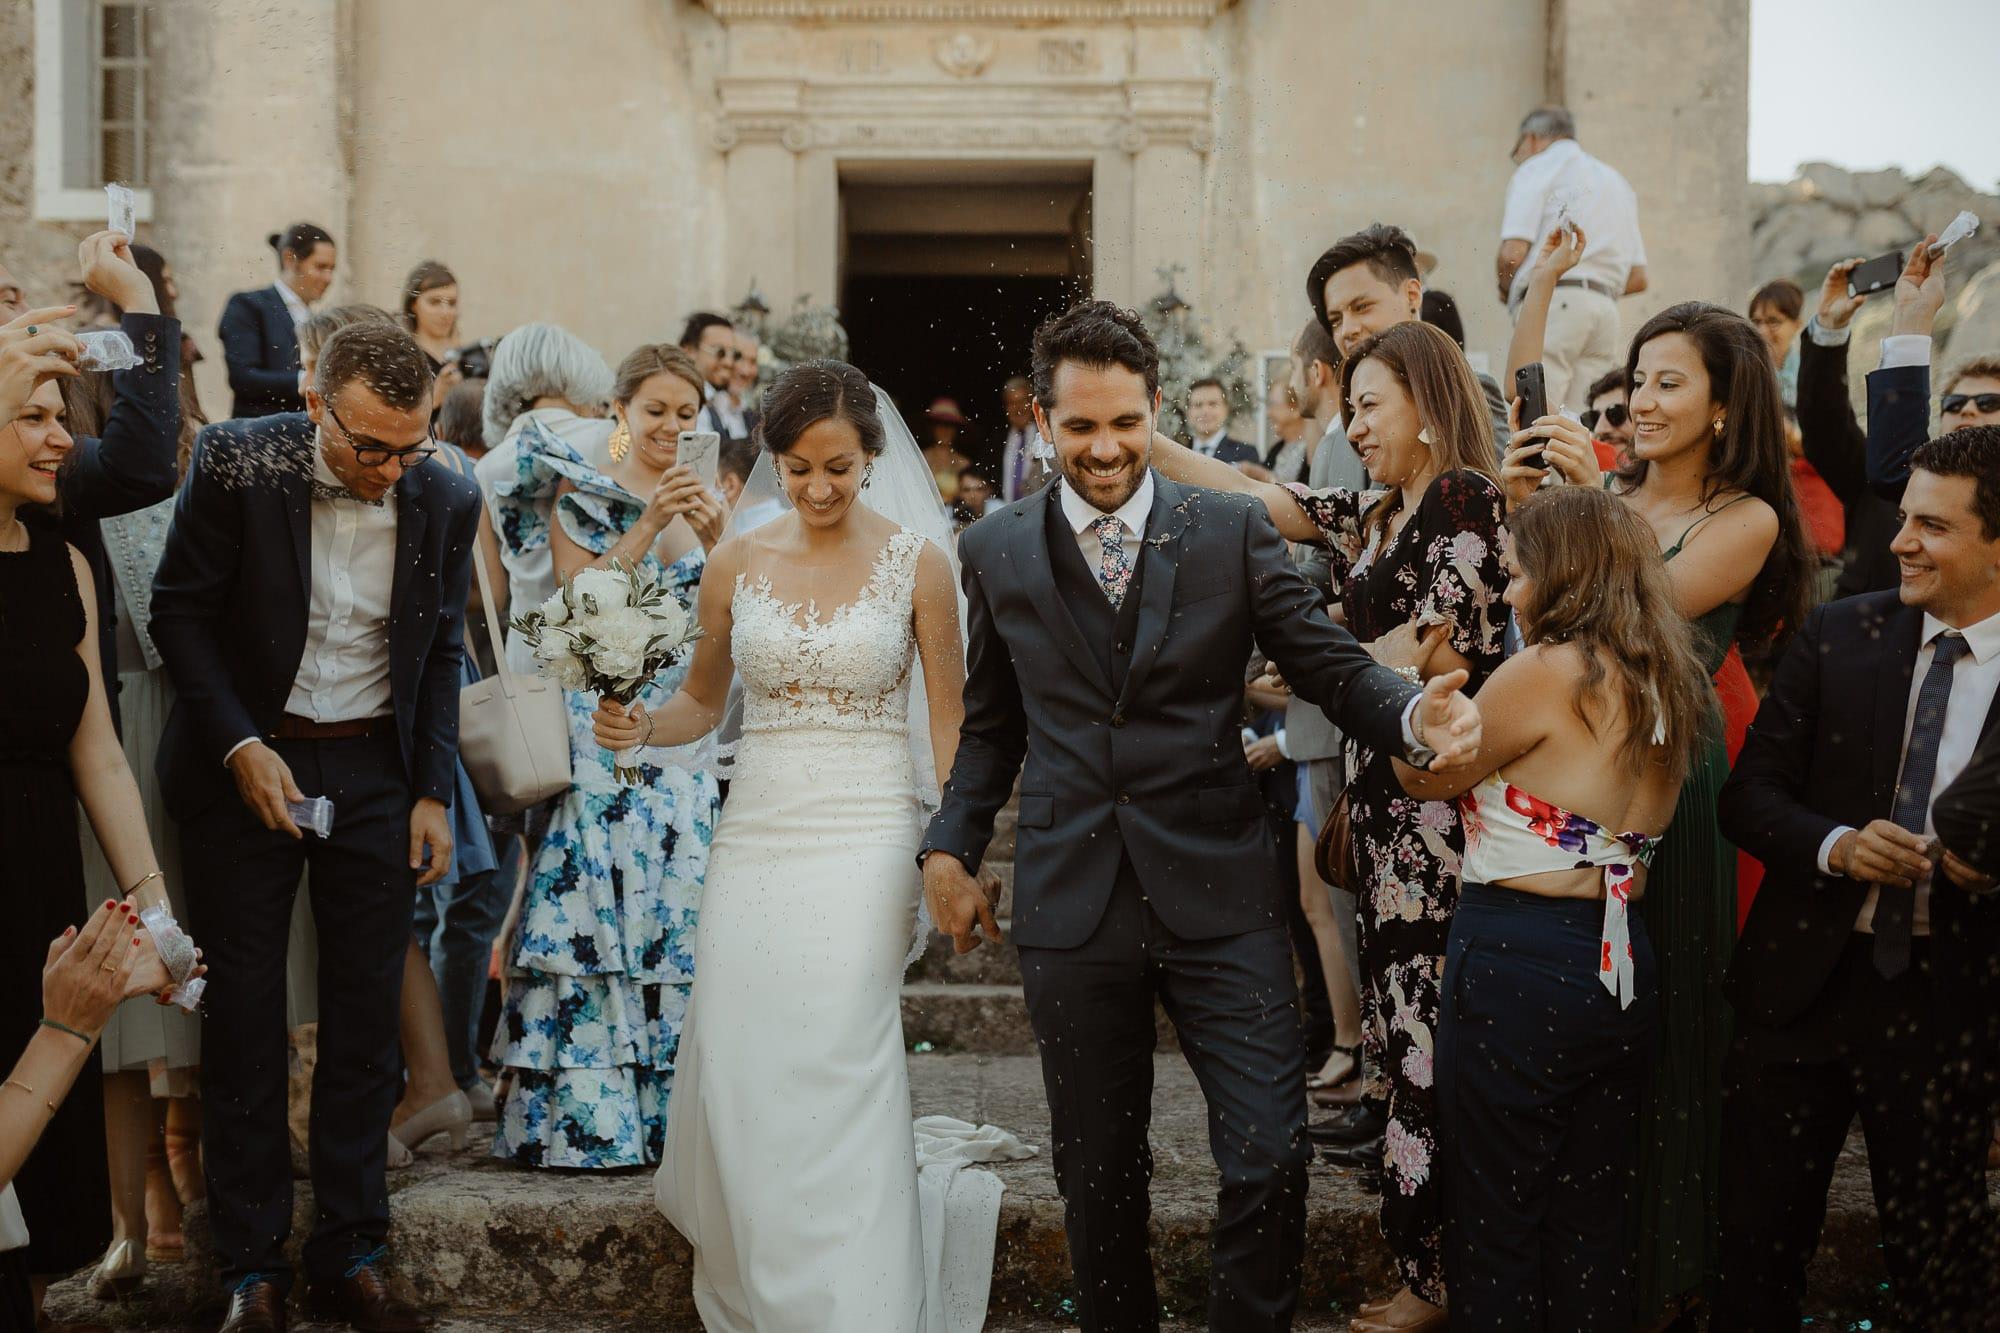 Aurelien Bretonniere - Photographe de mariage - Blog mariage : La mariée aux pieds nus